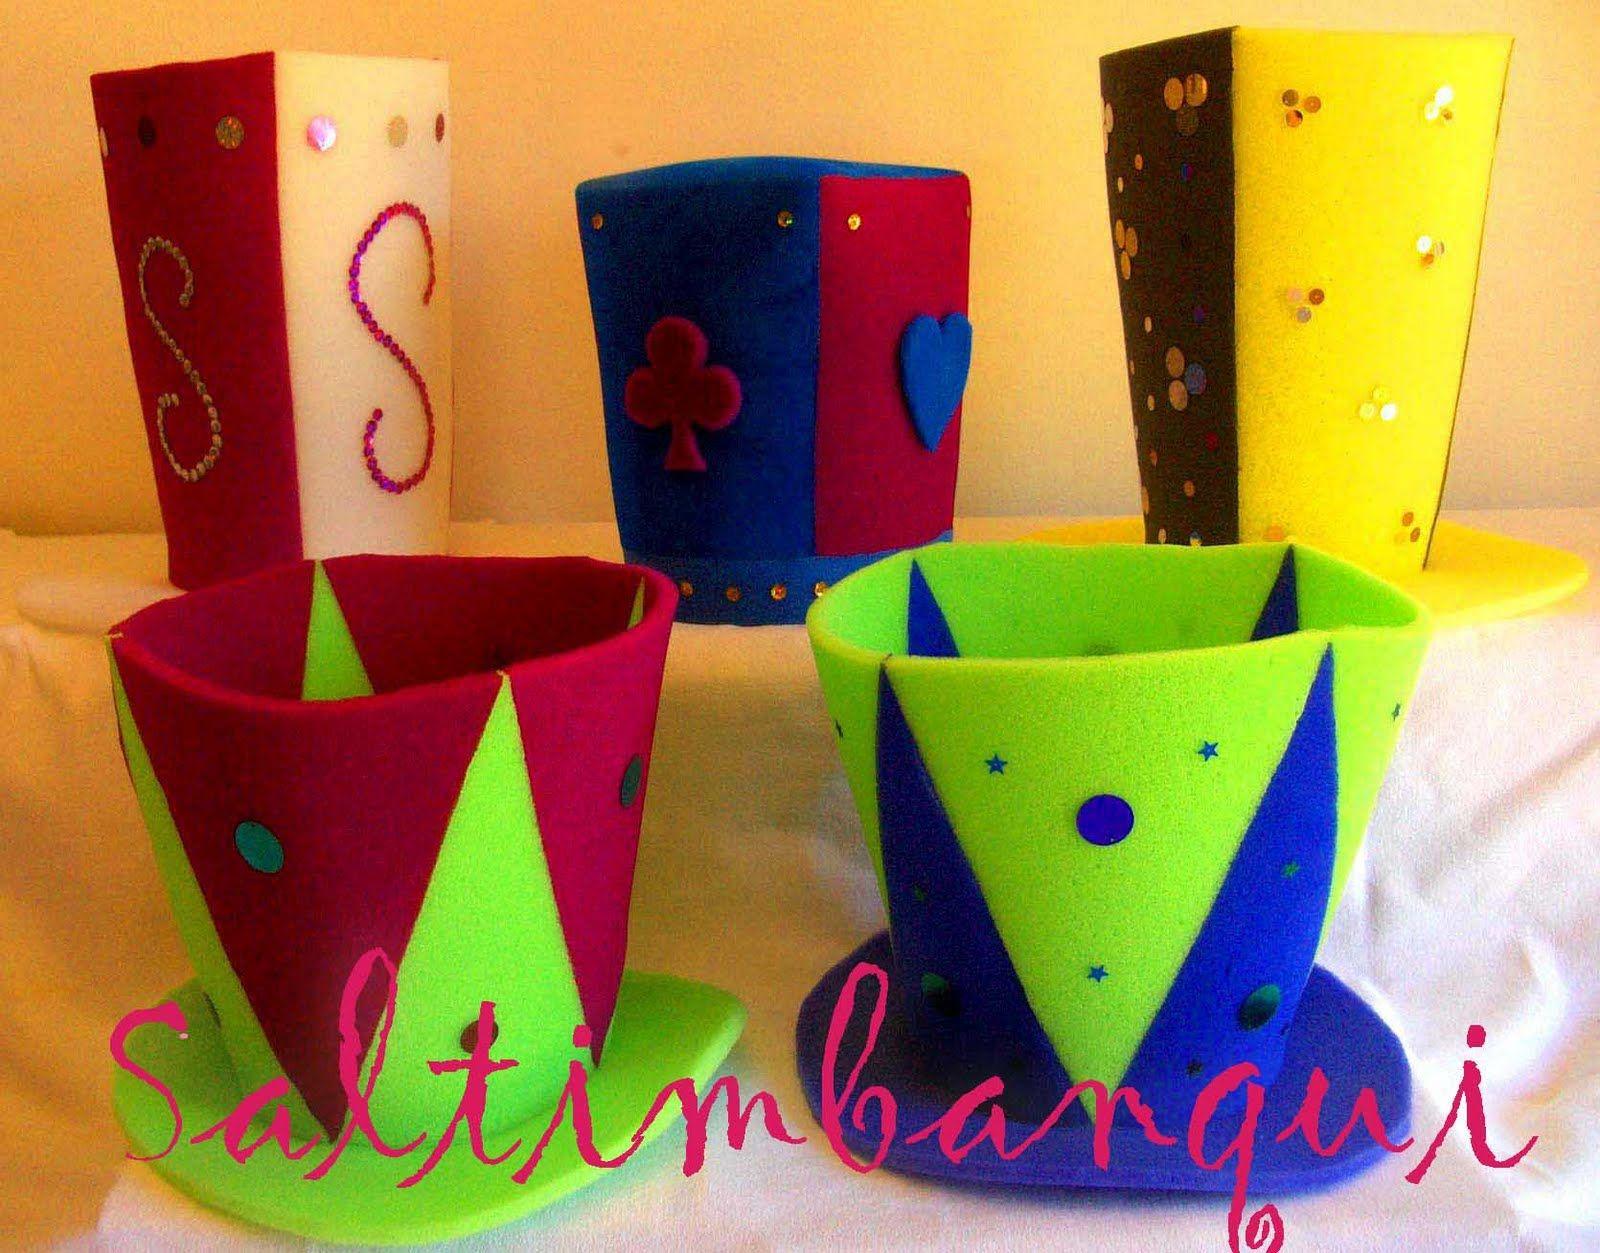 Pin de Andrea López B. en Be creative!  d6ad99a6812